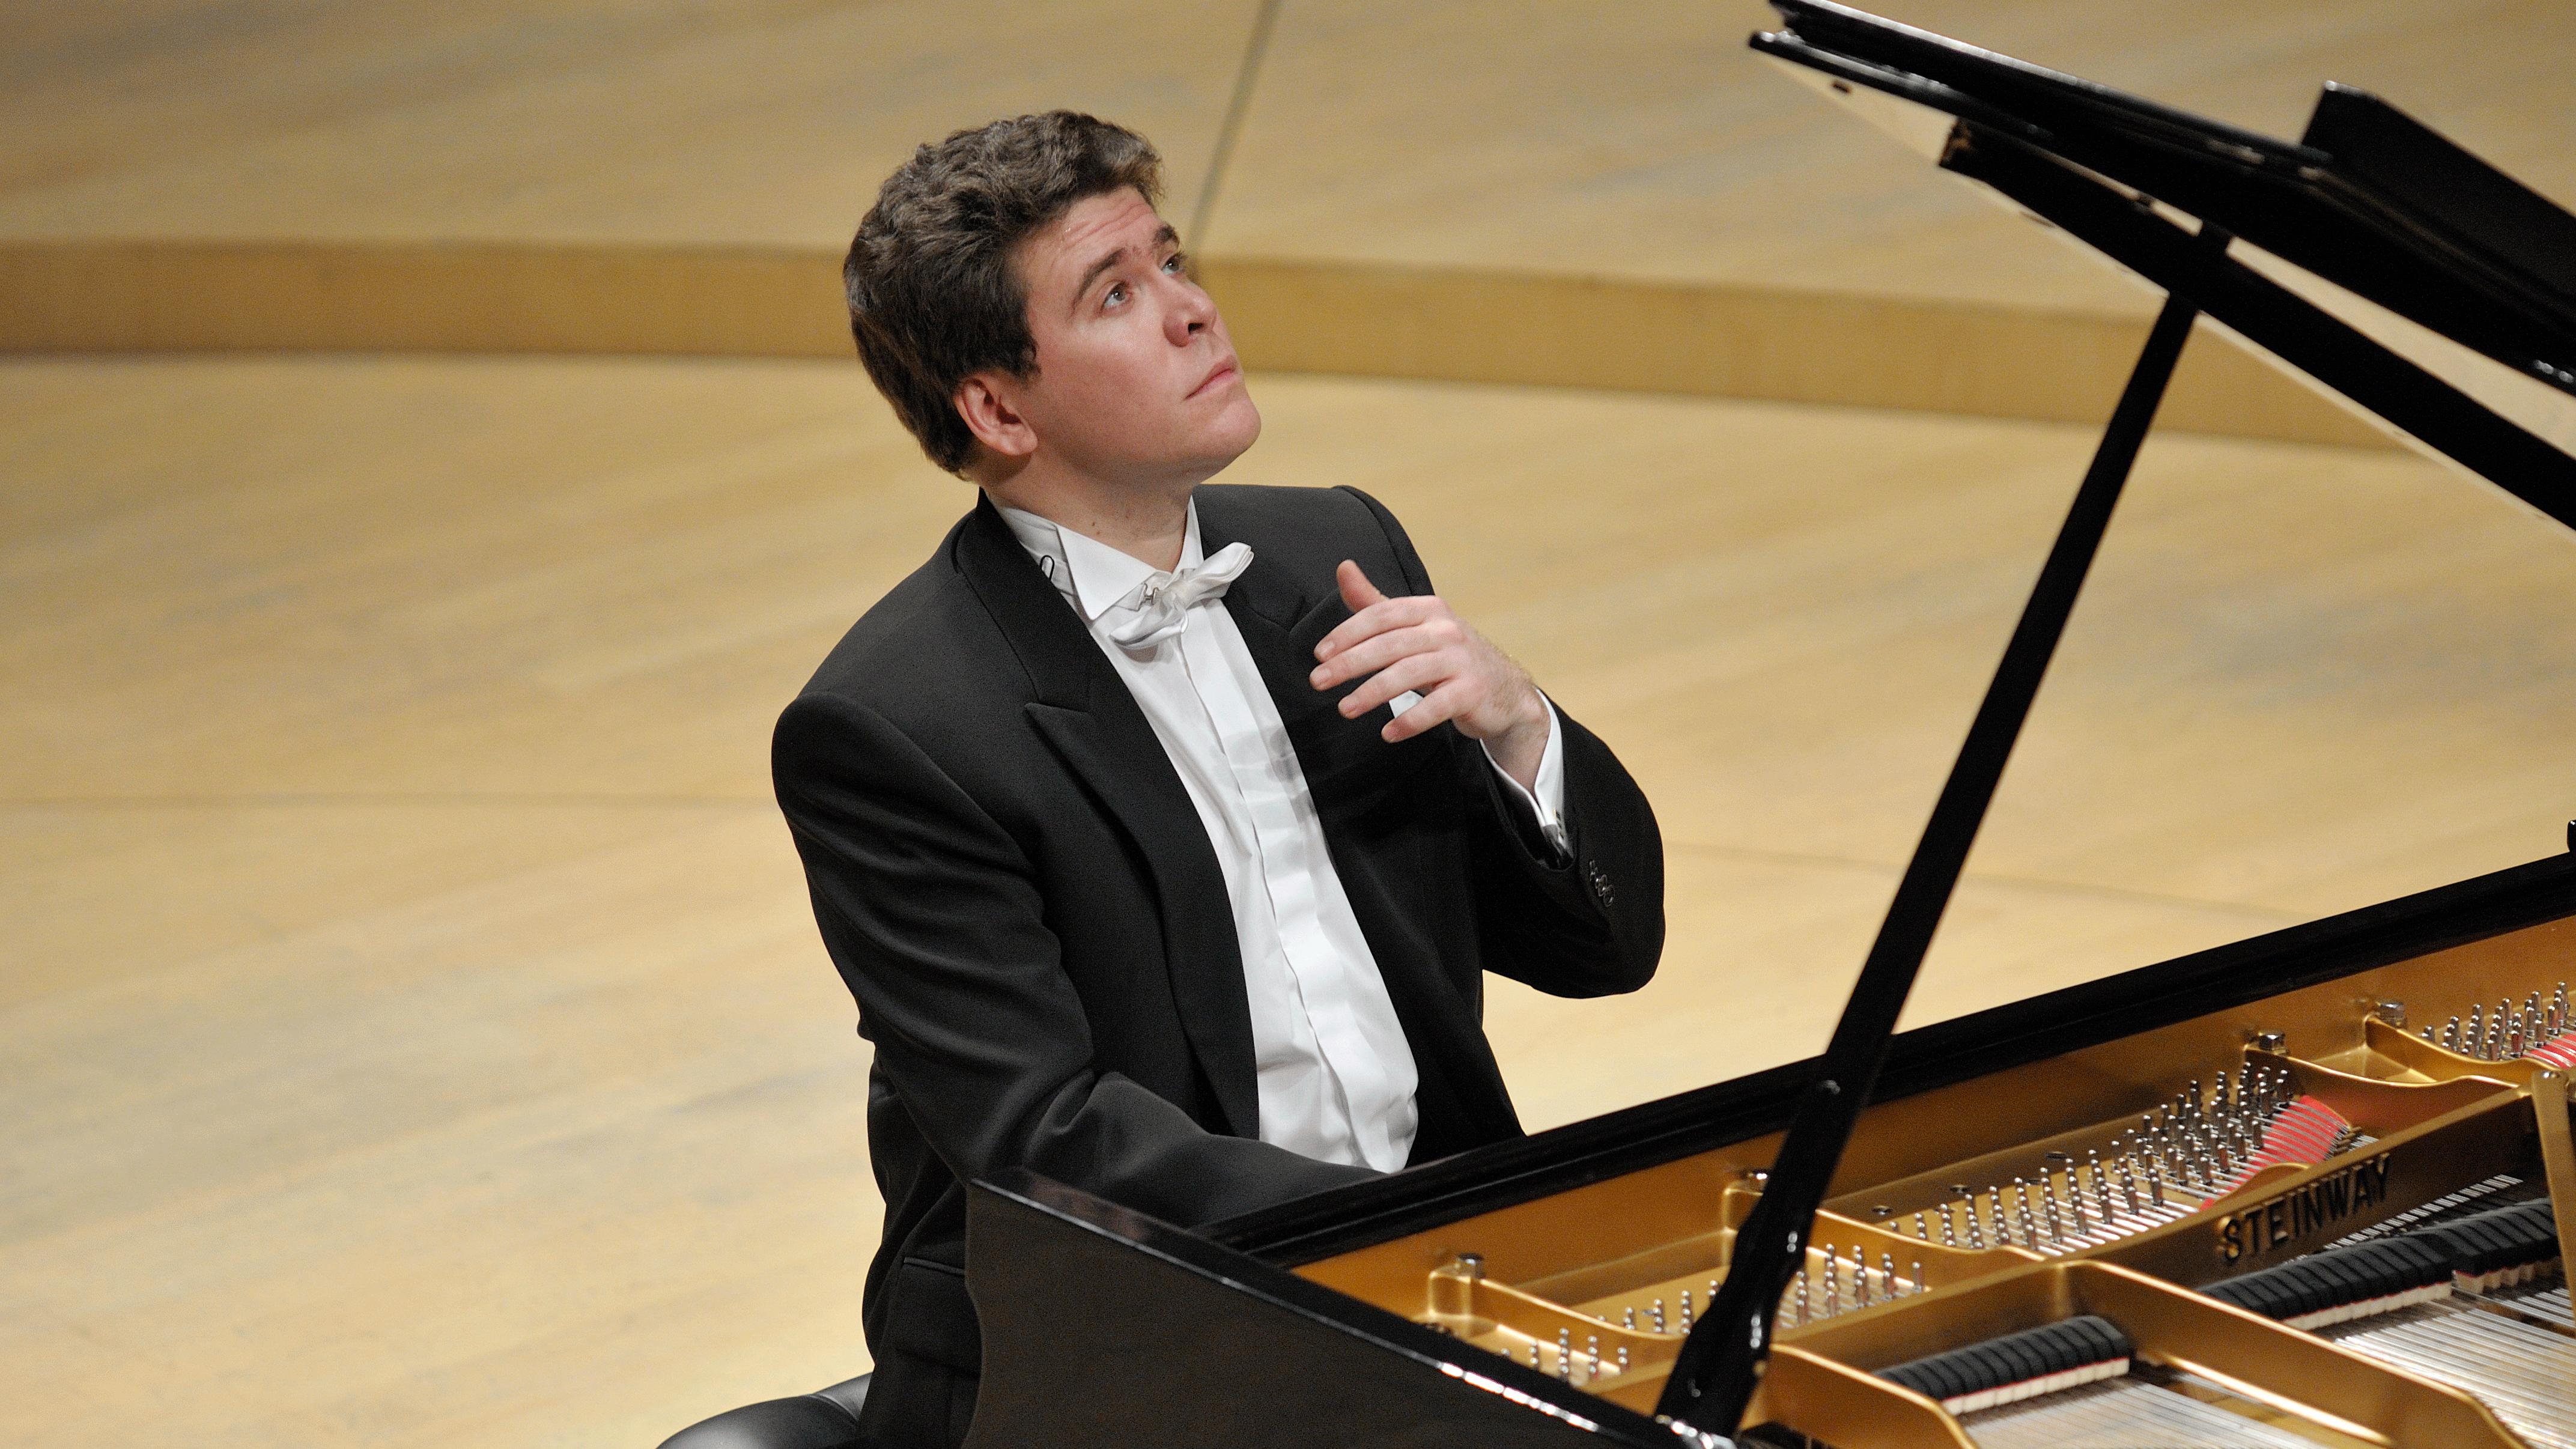 https://medicitv-c.imgix.net/movie/alexander-sladkovsky-conducts-rachmaninovs-piano-concertos-denis-matsuev_d.jpg?auto=format&q=85